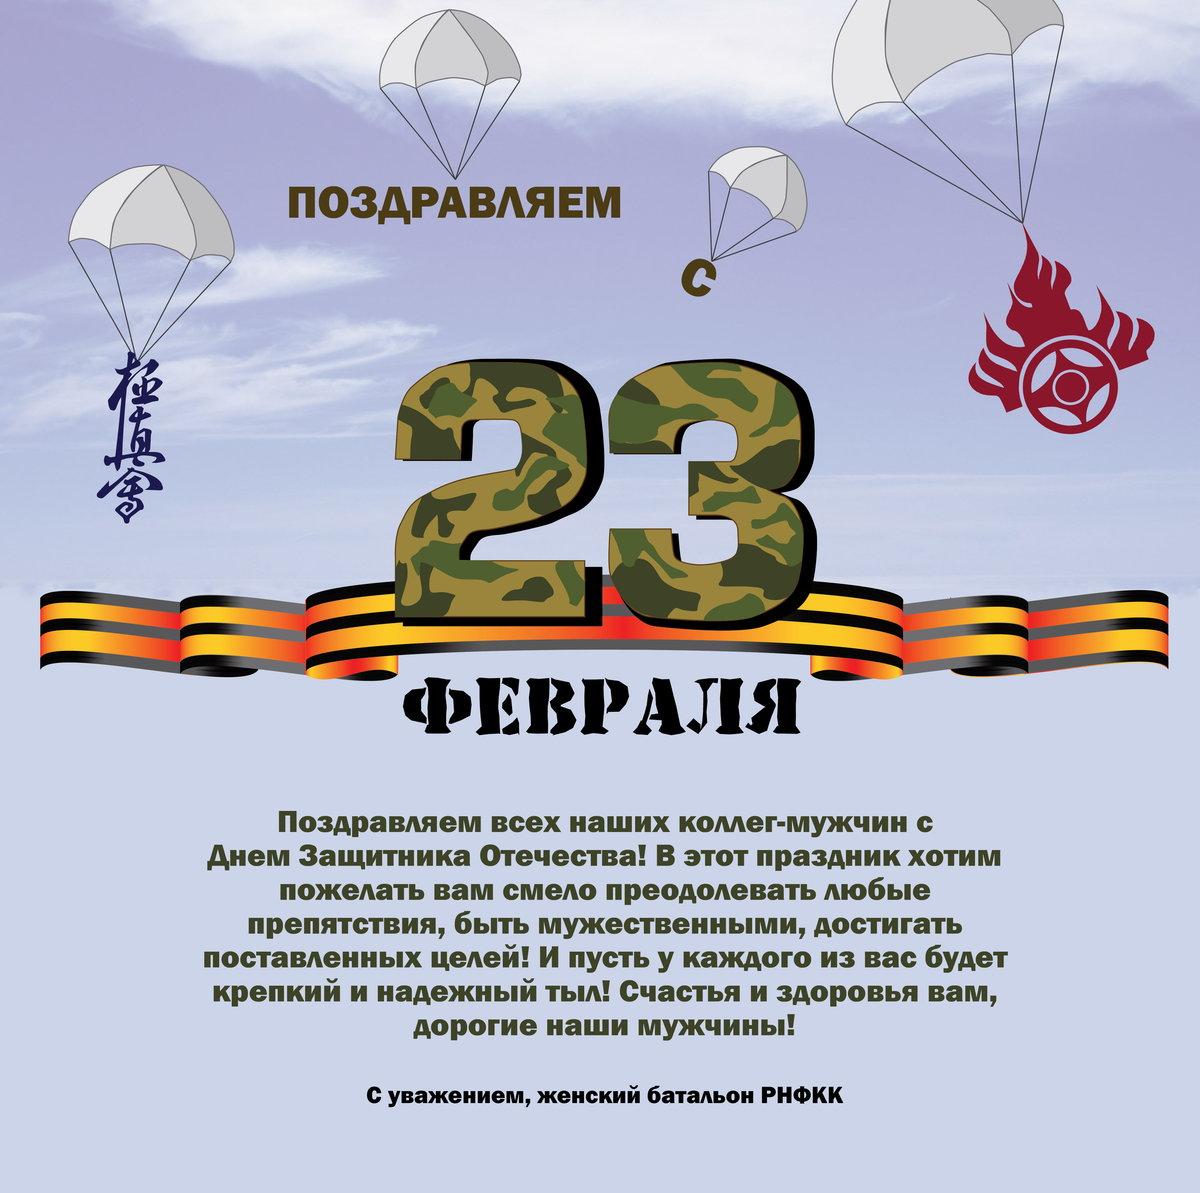 Коллегам поздравления на 23 февраля